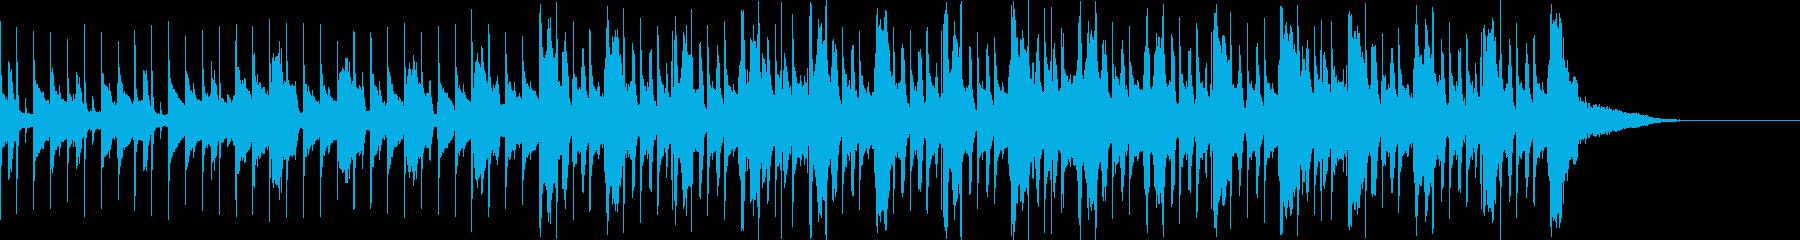 Pf「政」和風現代ジャズの再生済みの波形